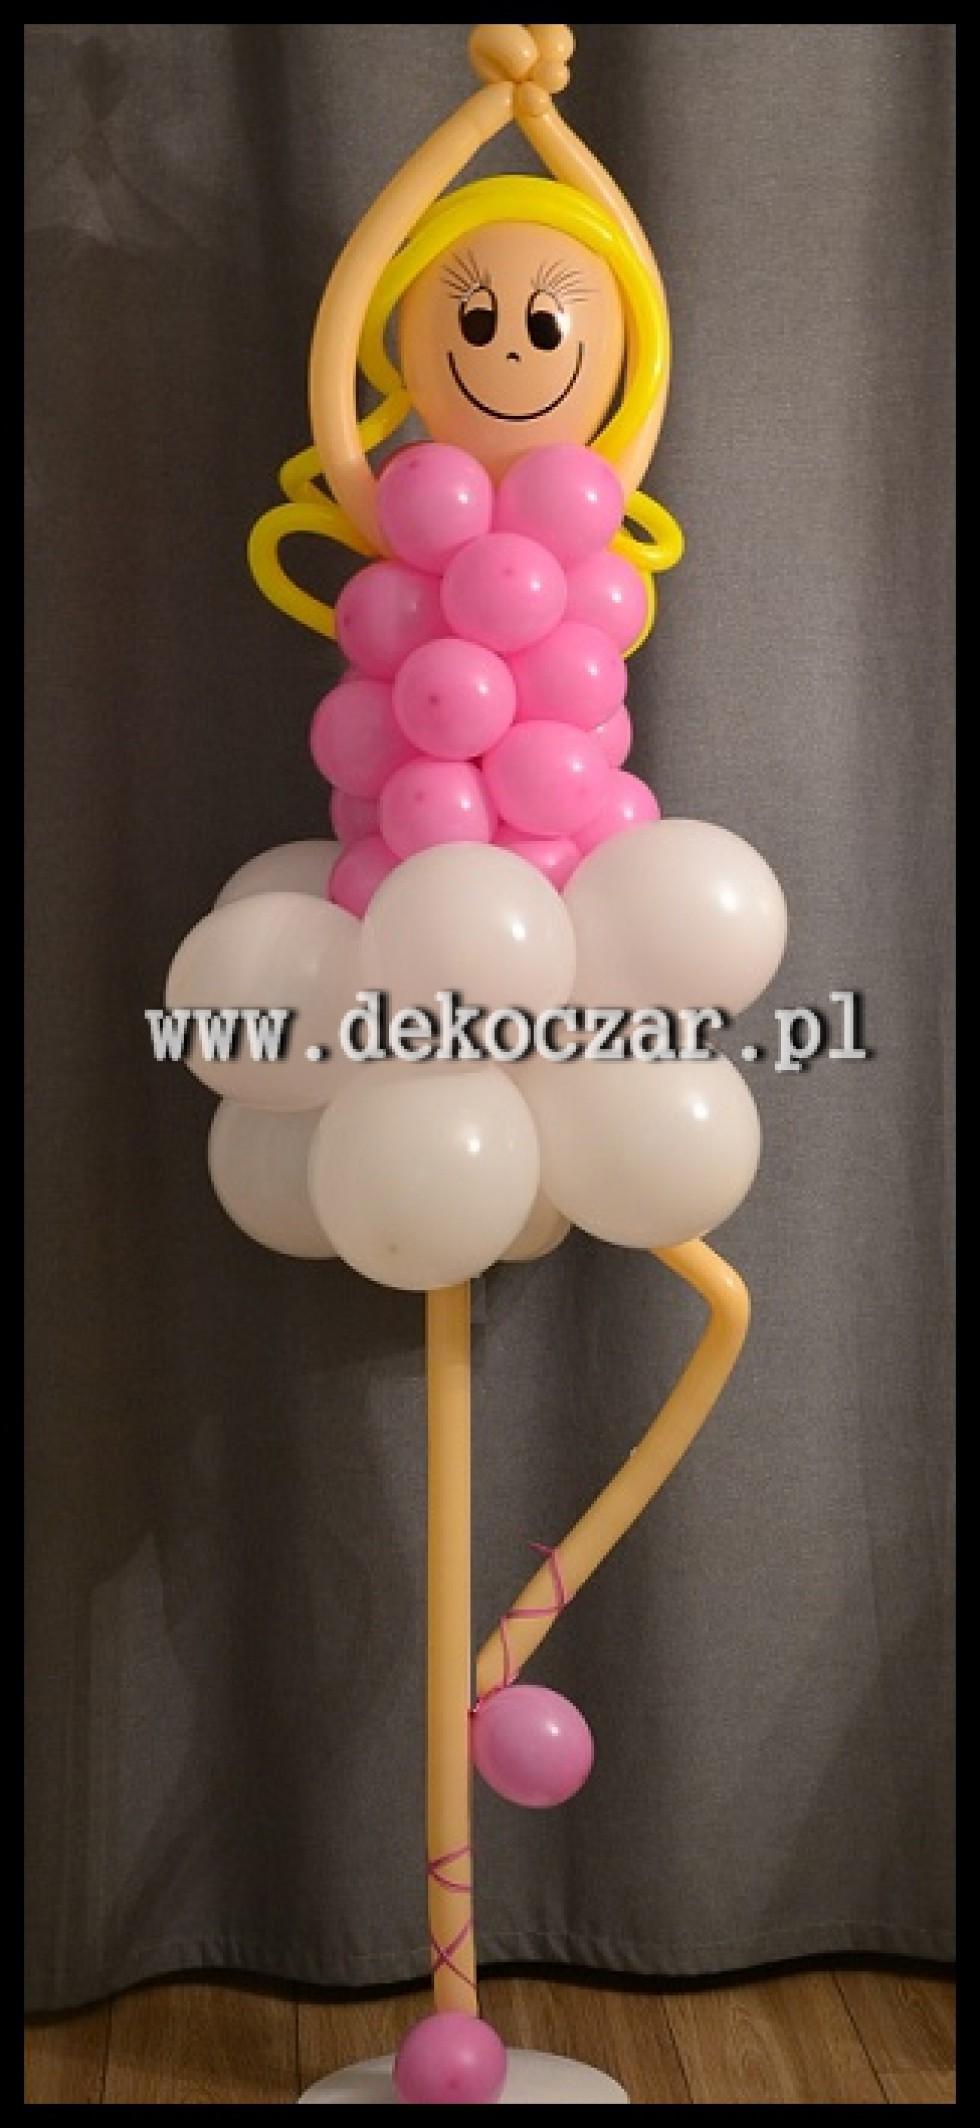 balony olesno (7)